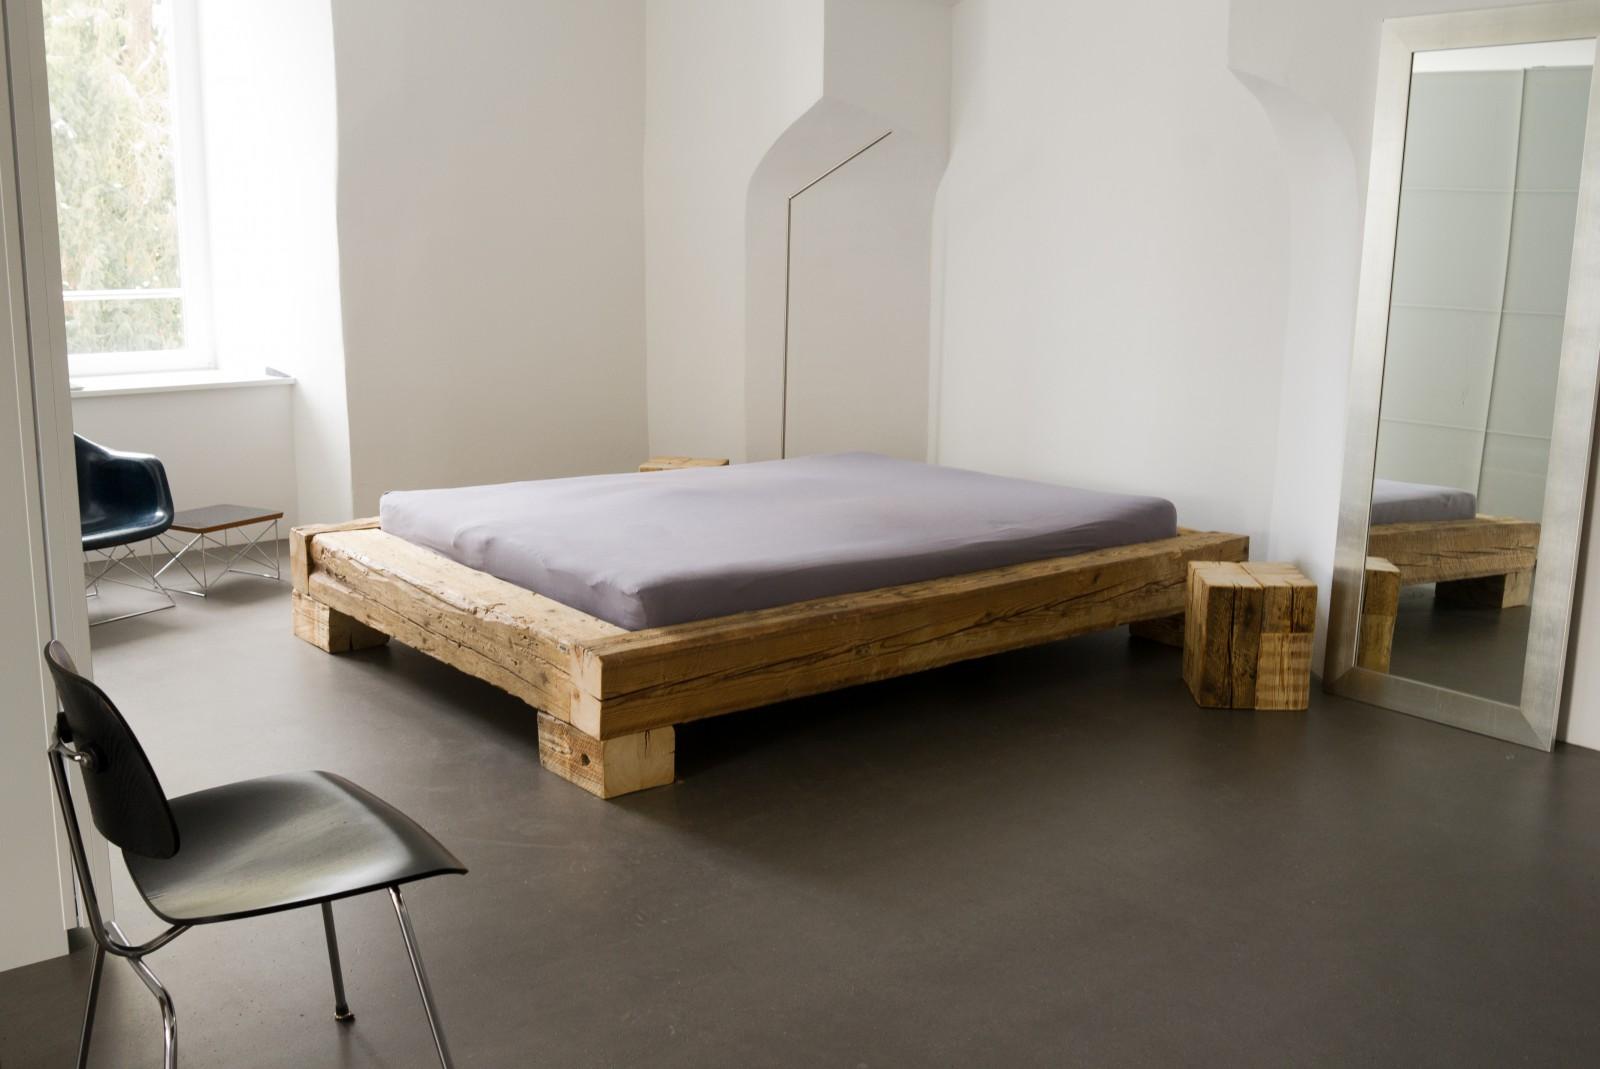 Balkenbett «dezemberundjuli» aus Altholz